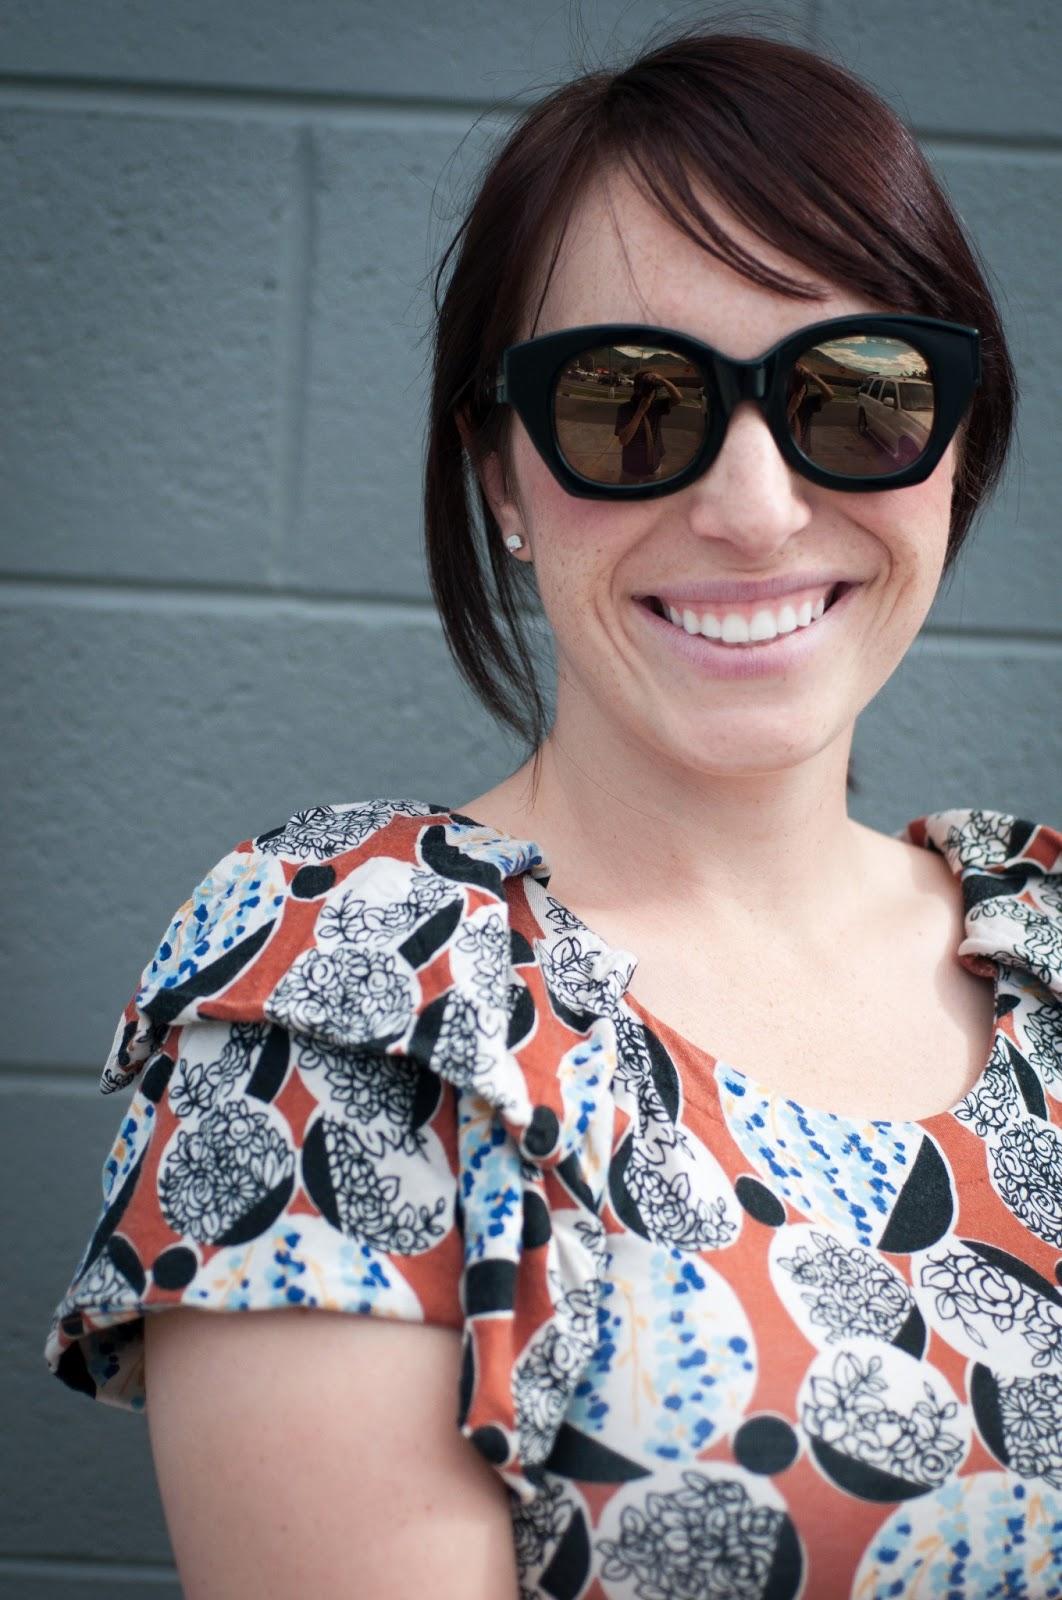 fashion blog, style blog, anthropologie, ootd, karen walker, karen walker sunglasses, deletta, karen walker soul club